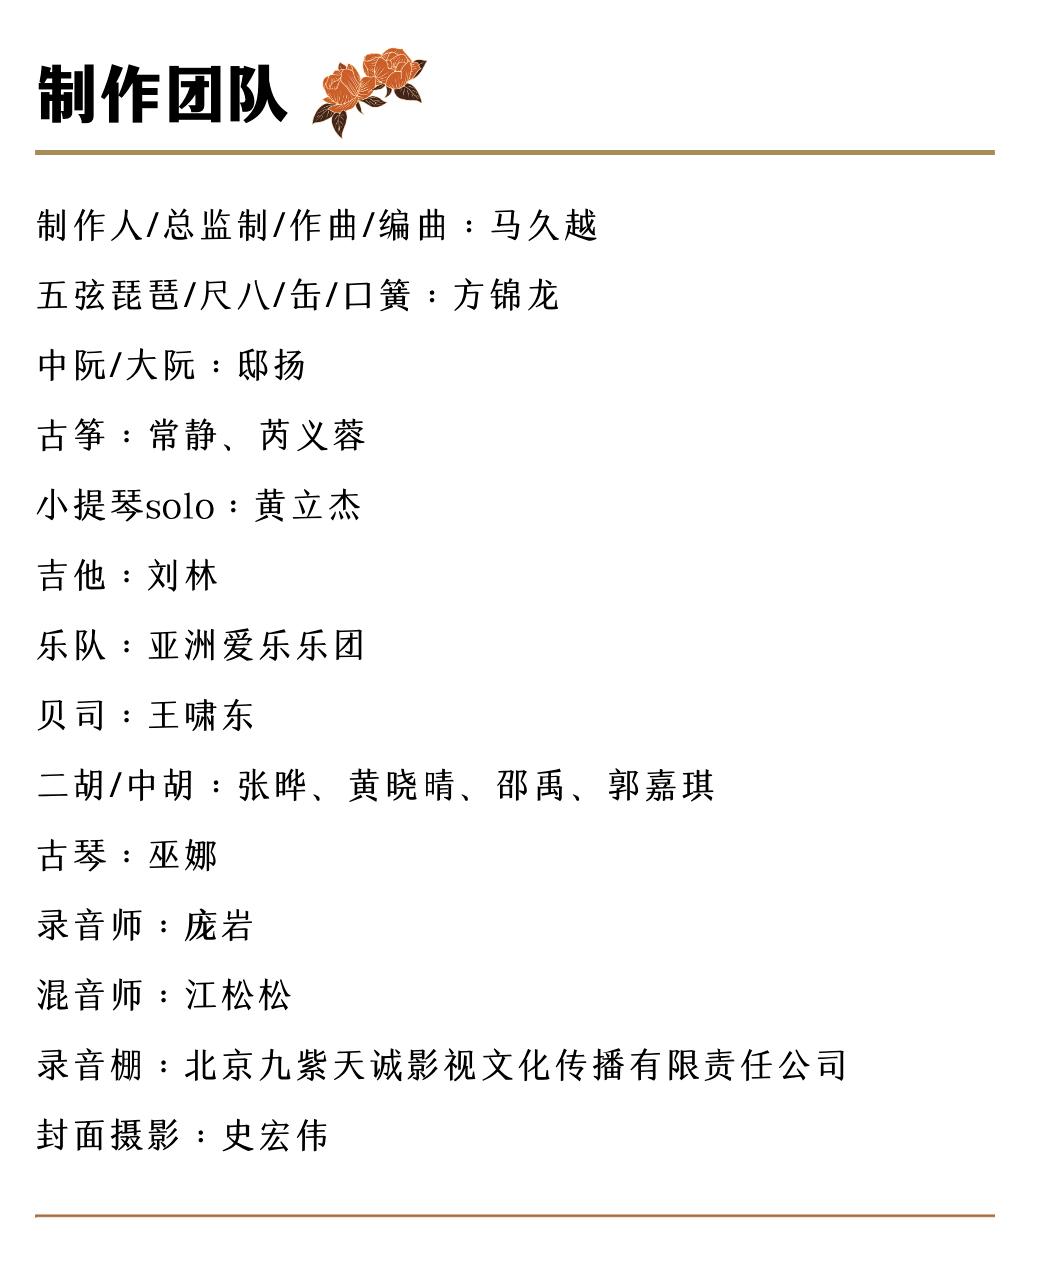 高德平台指定注册【靓碟试听】大师联手钜作:马久越作品/方锦龙演奏《音乐·诗经》